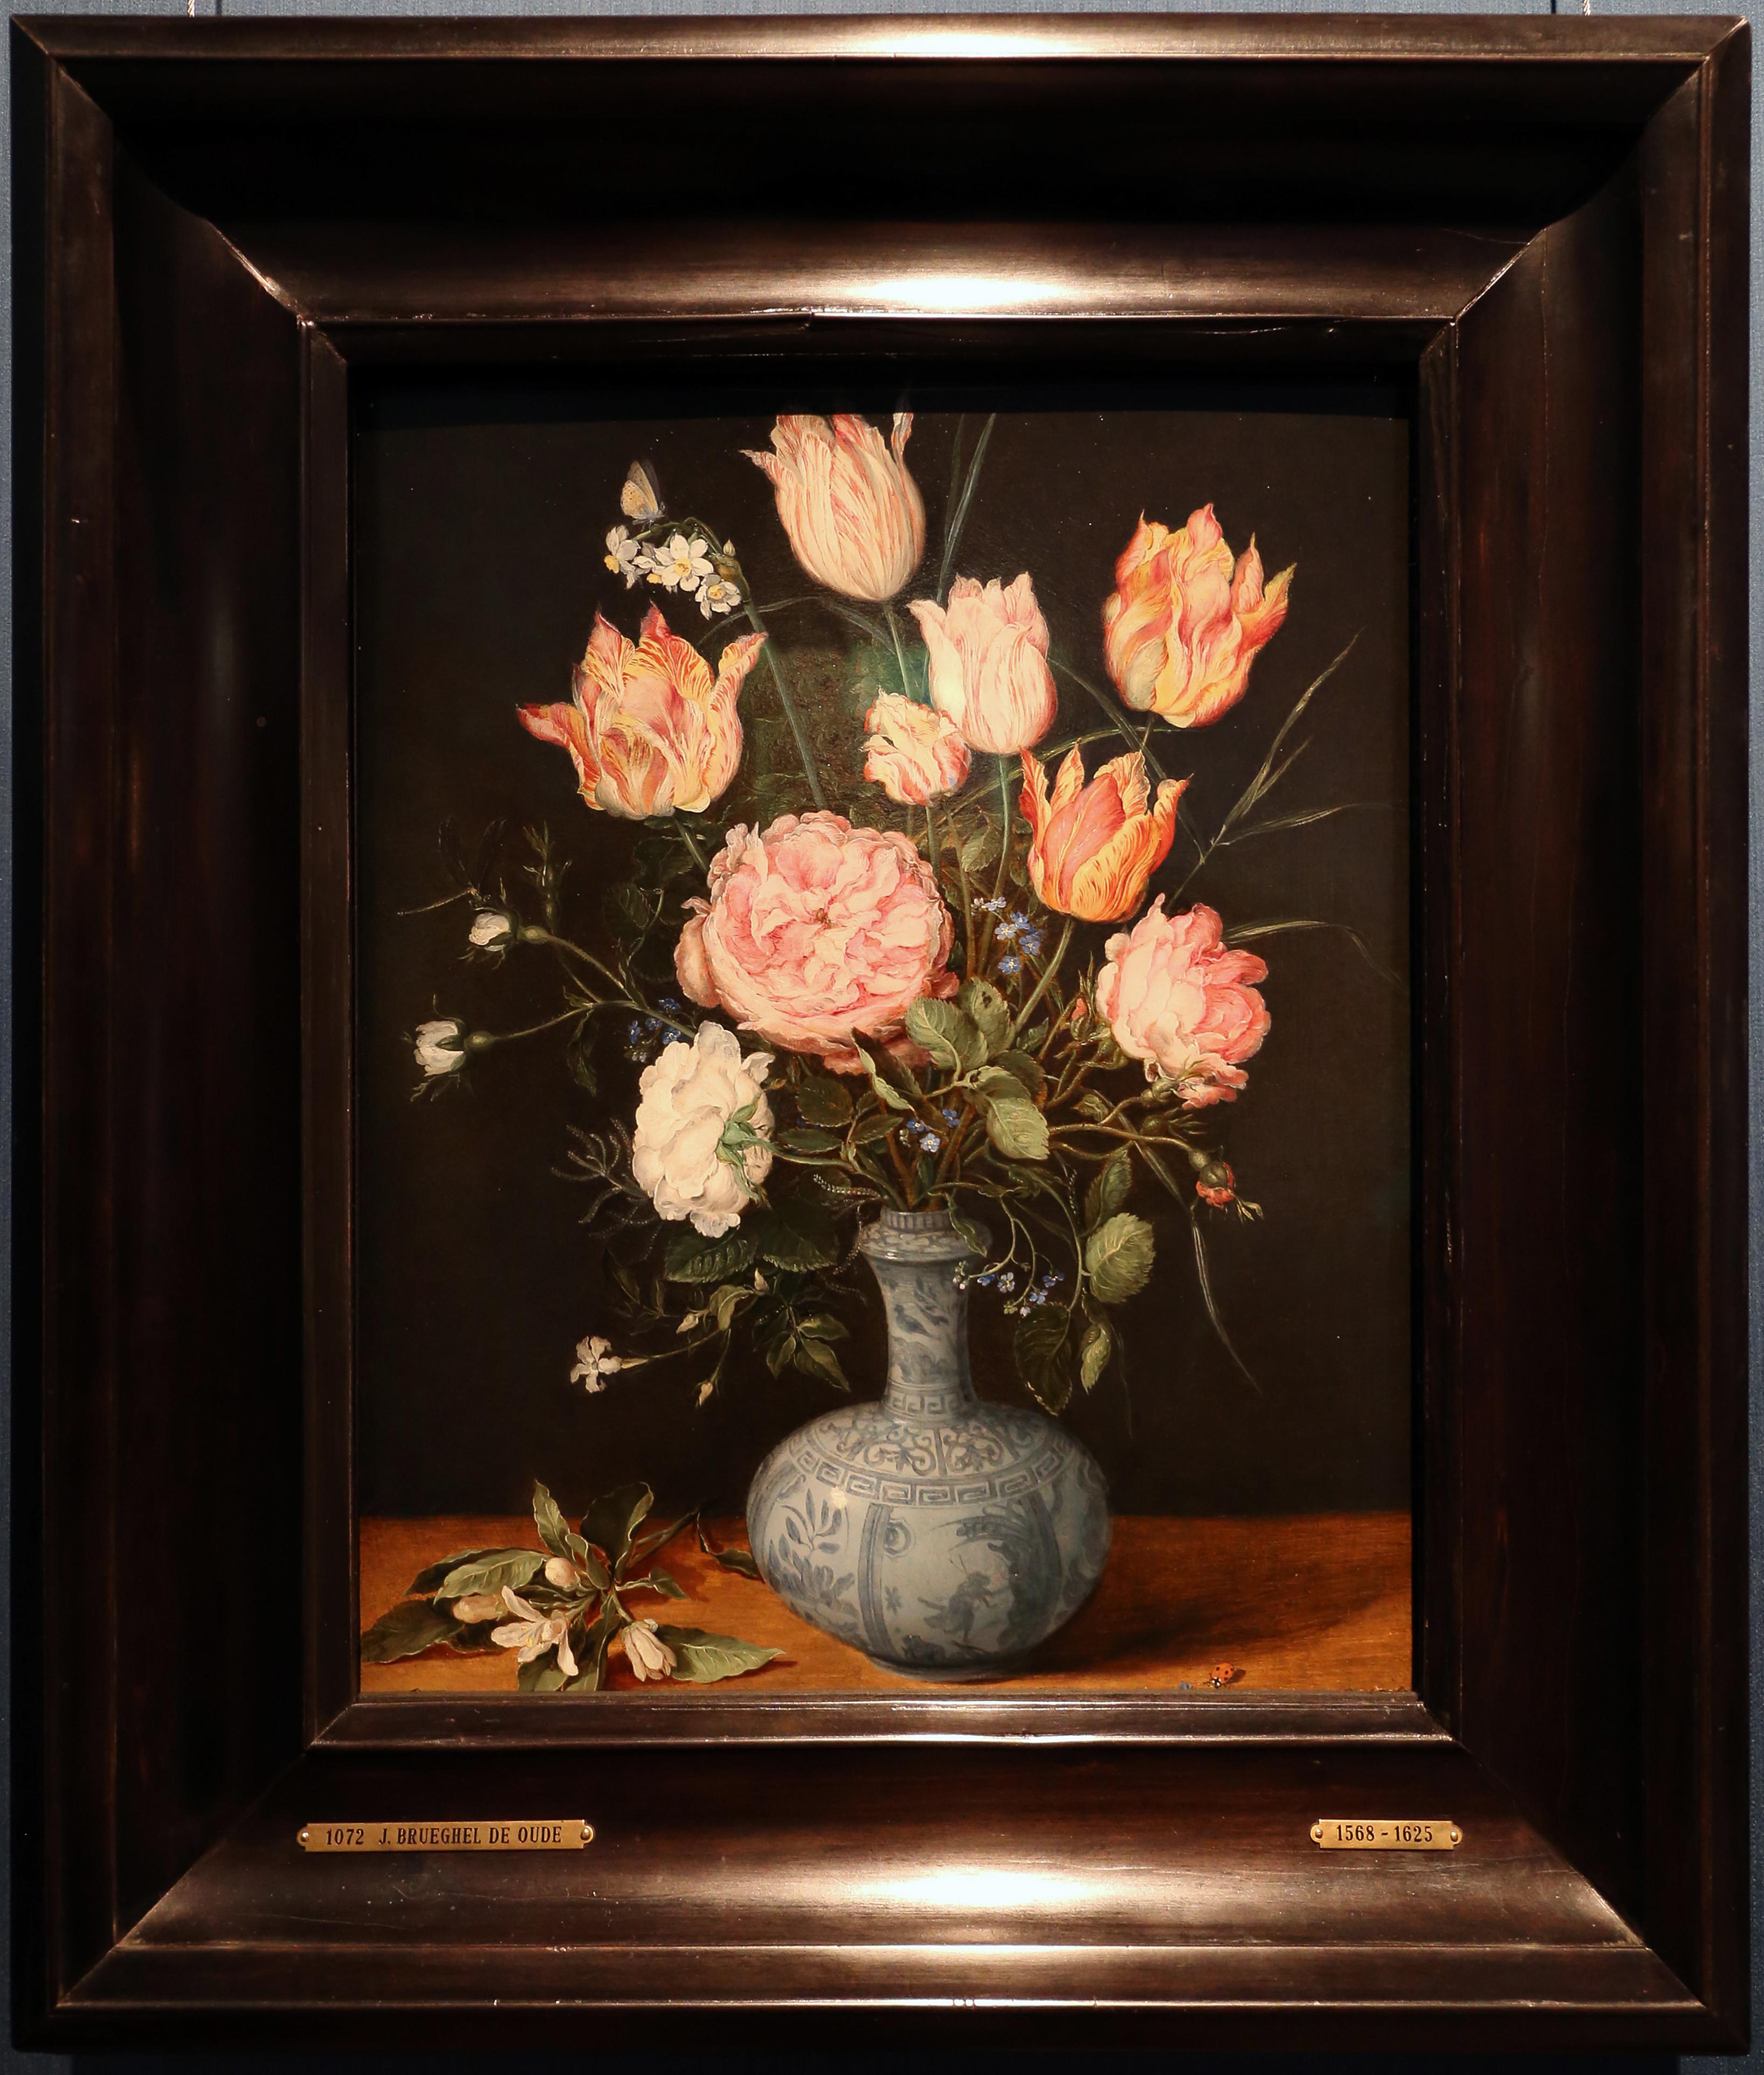 Mazzo Di Fiori Jpg.File Jan Bruegel Il Vecchio Mazzo Di Fiori In Un Vaso Wan Li